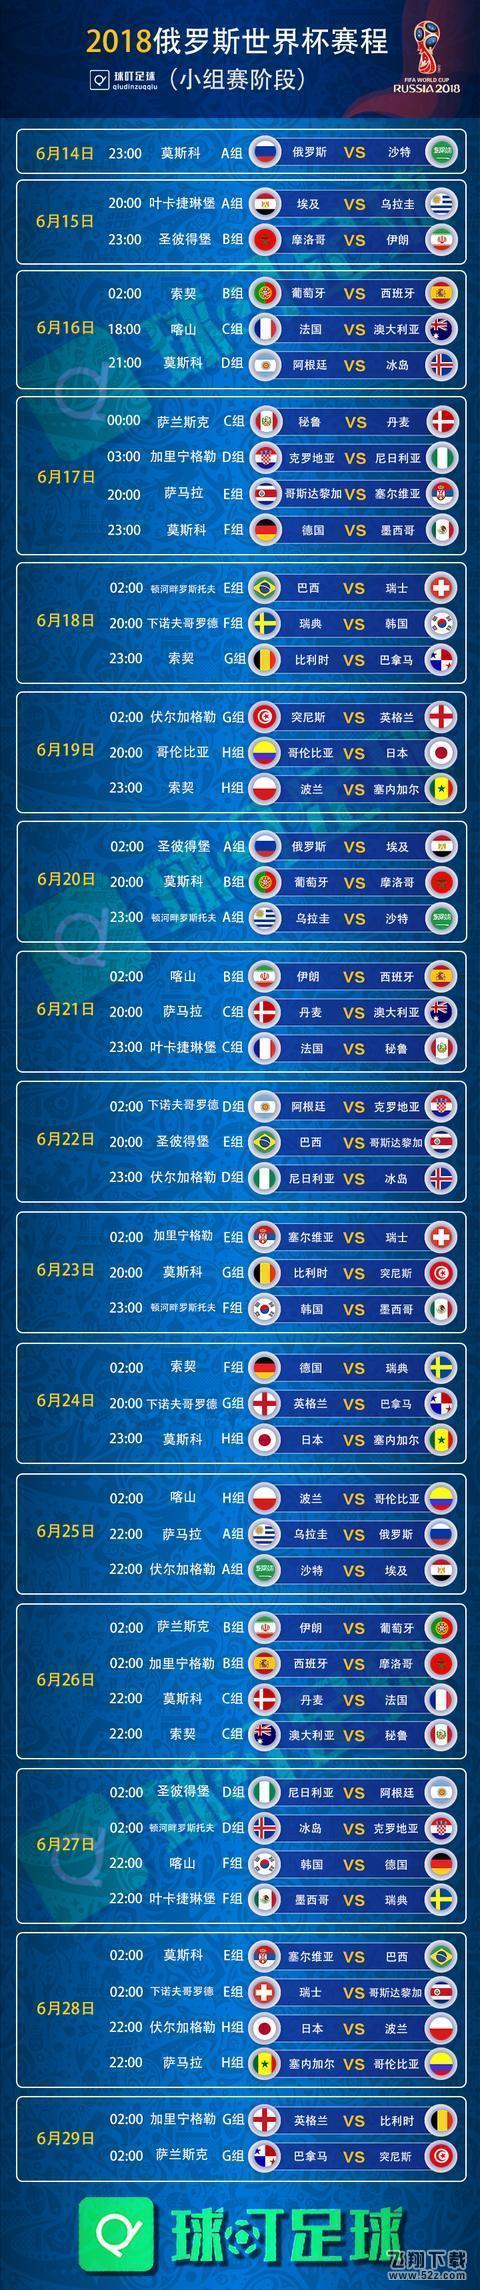 2018俄罗斯世界杯赛程安排_2018世界杯赛程时间表一览